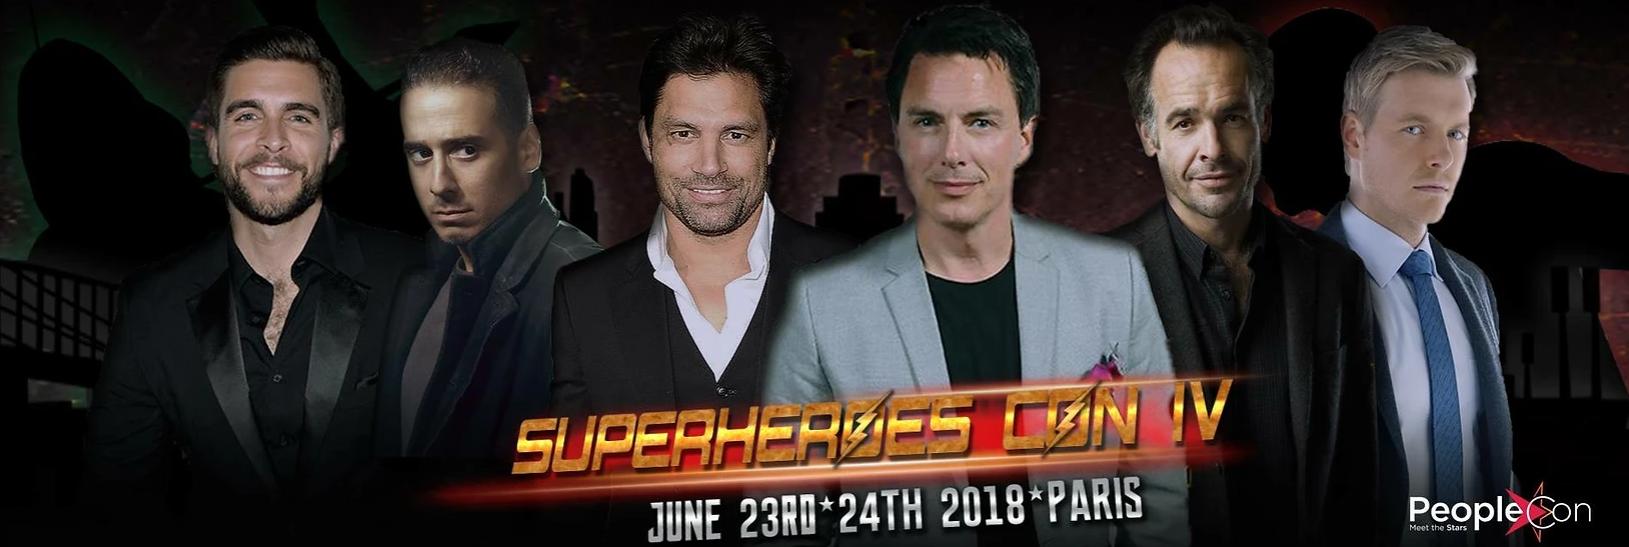 Super Heroes Con 4